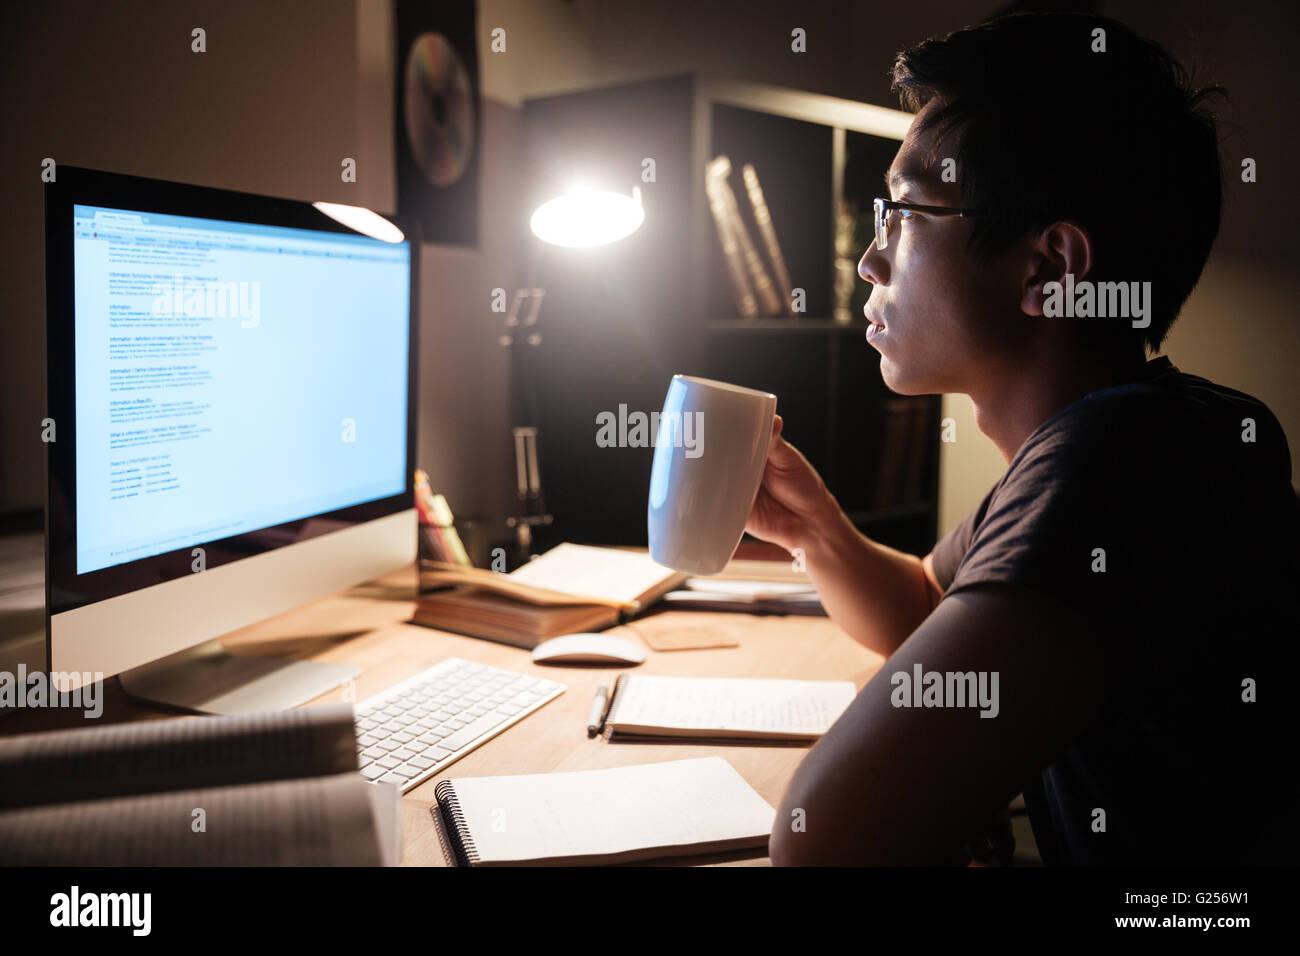 Perfil de guapo joven asiática estudiando con ordenador y beber té en habitación oscura Imagen De Stock